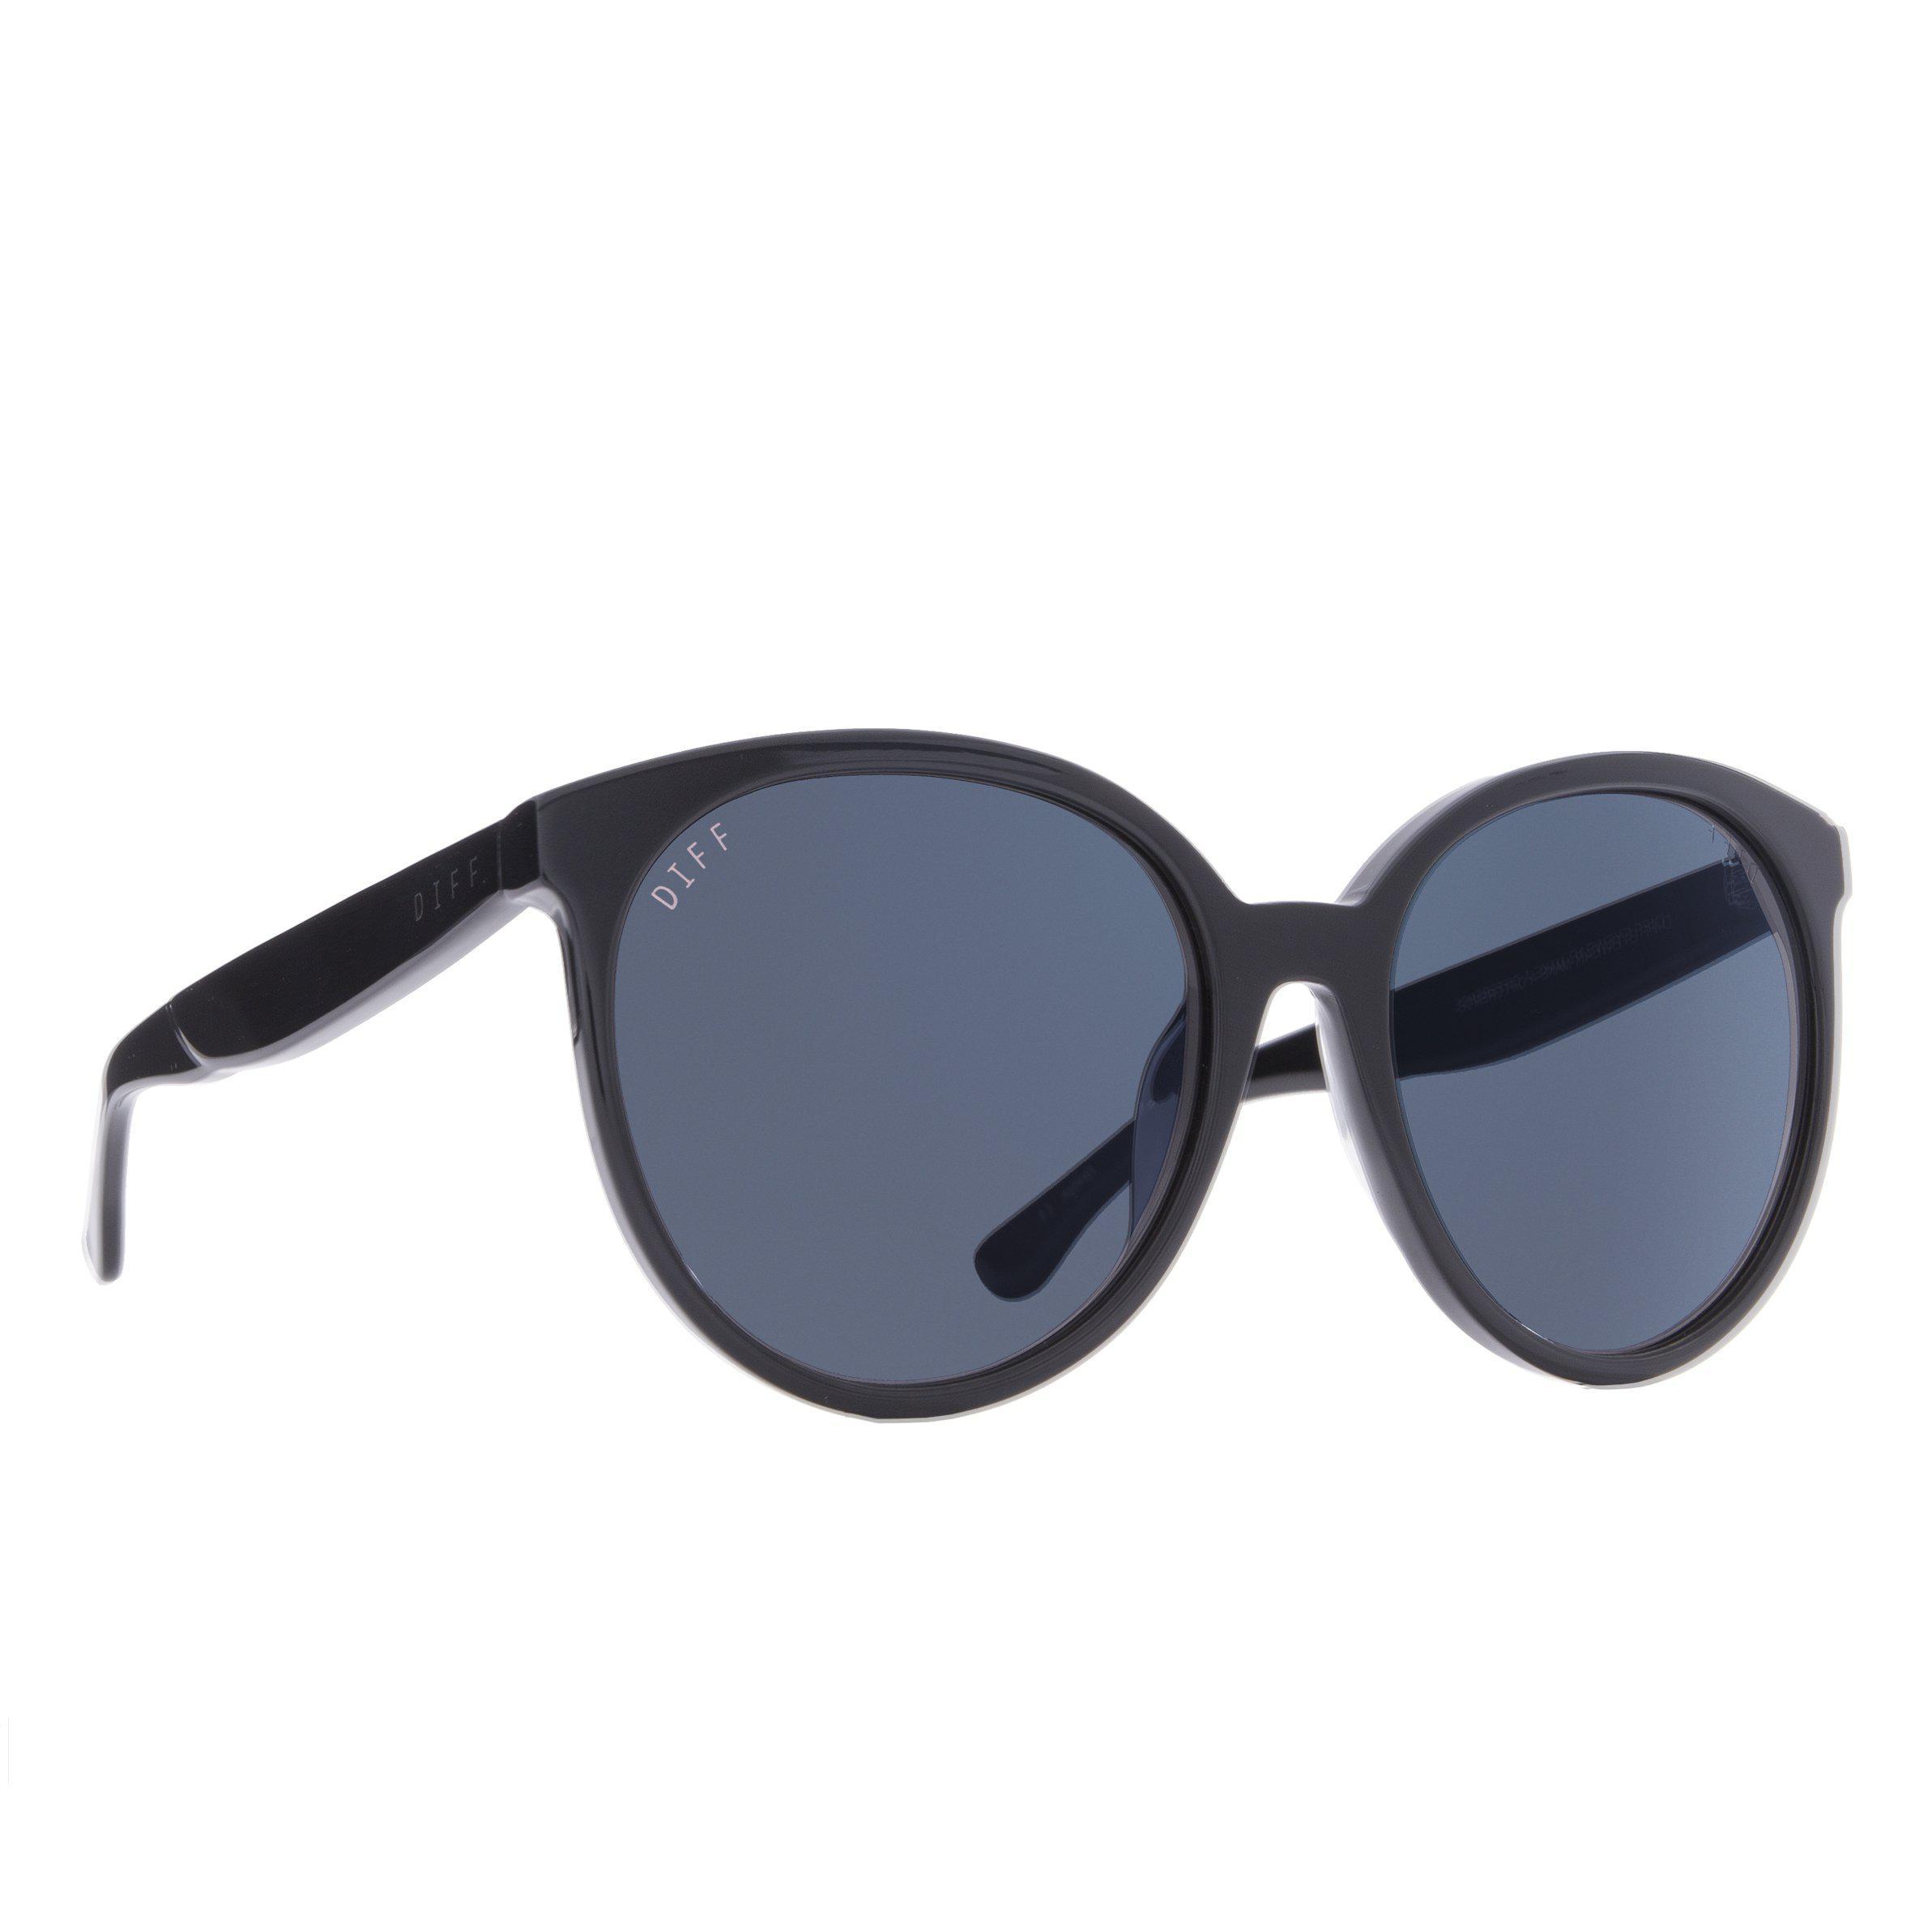 87464fa3d0 Lyst - DIFF Cosmo - Black + Dark Smoke + Polarized in Blue